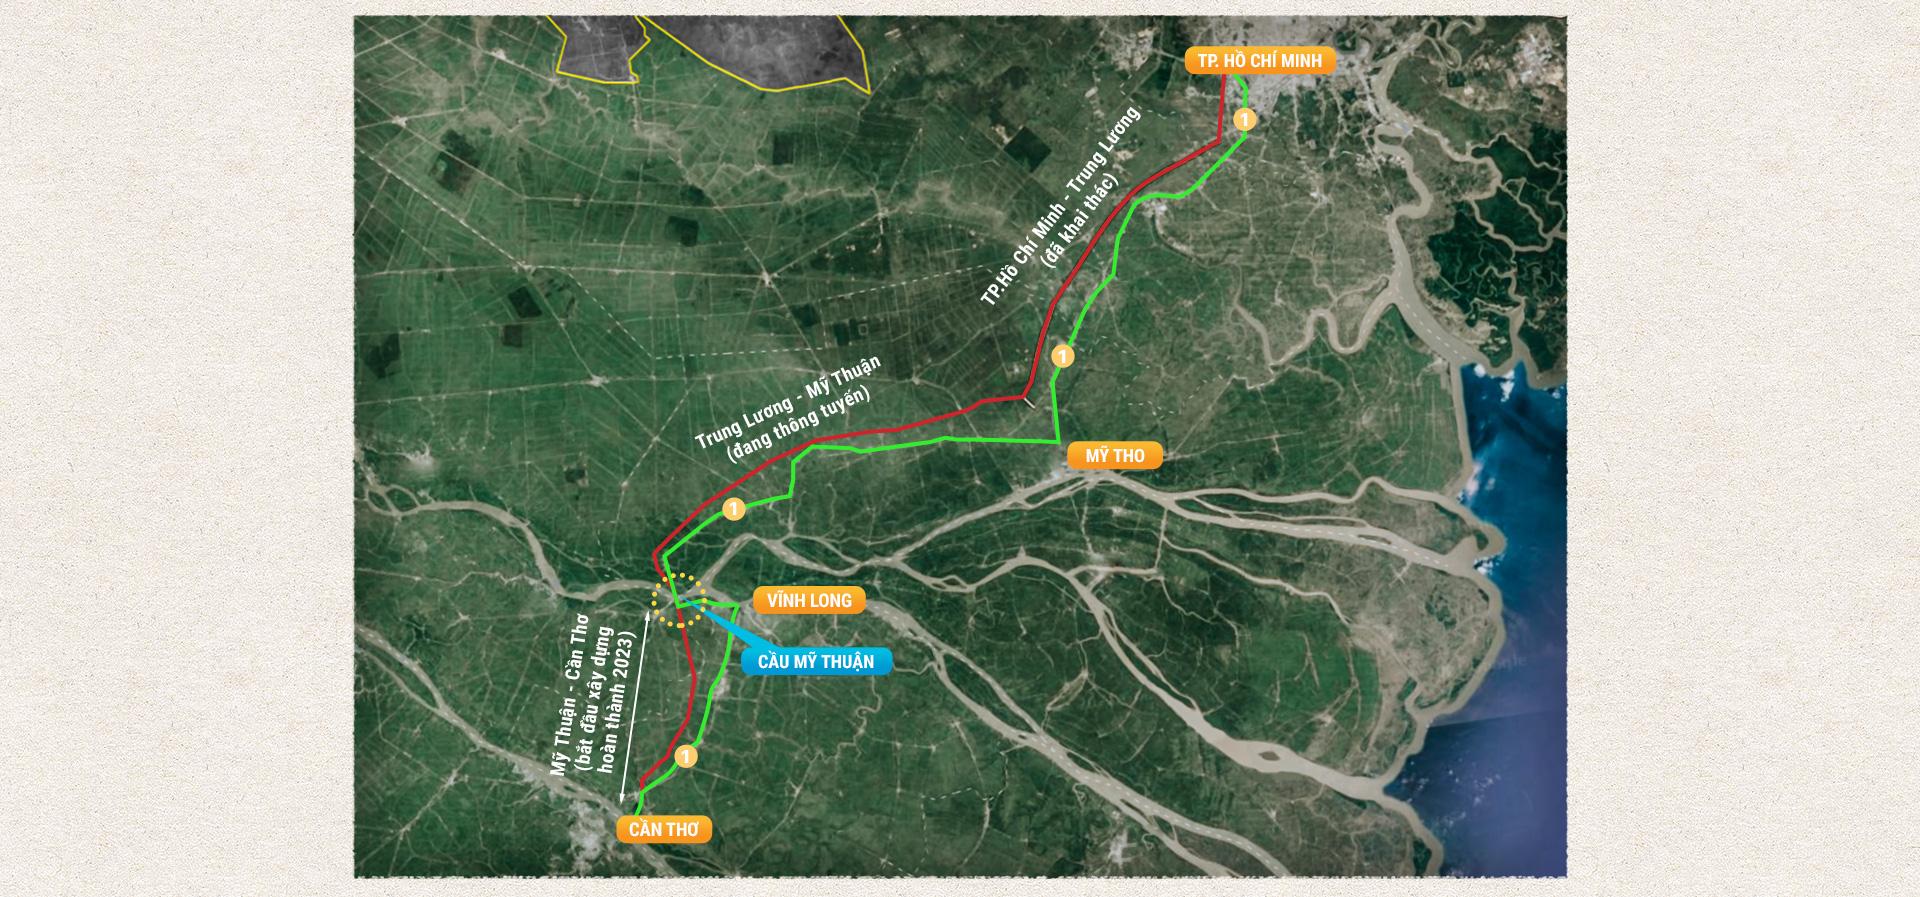 Kỳ 1: Các tuyến cao tốc Bắc - Nam phía Đông - Ảnh 2.